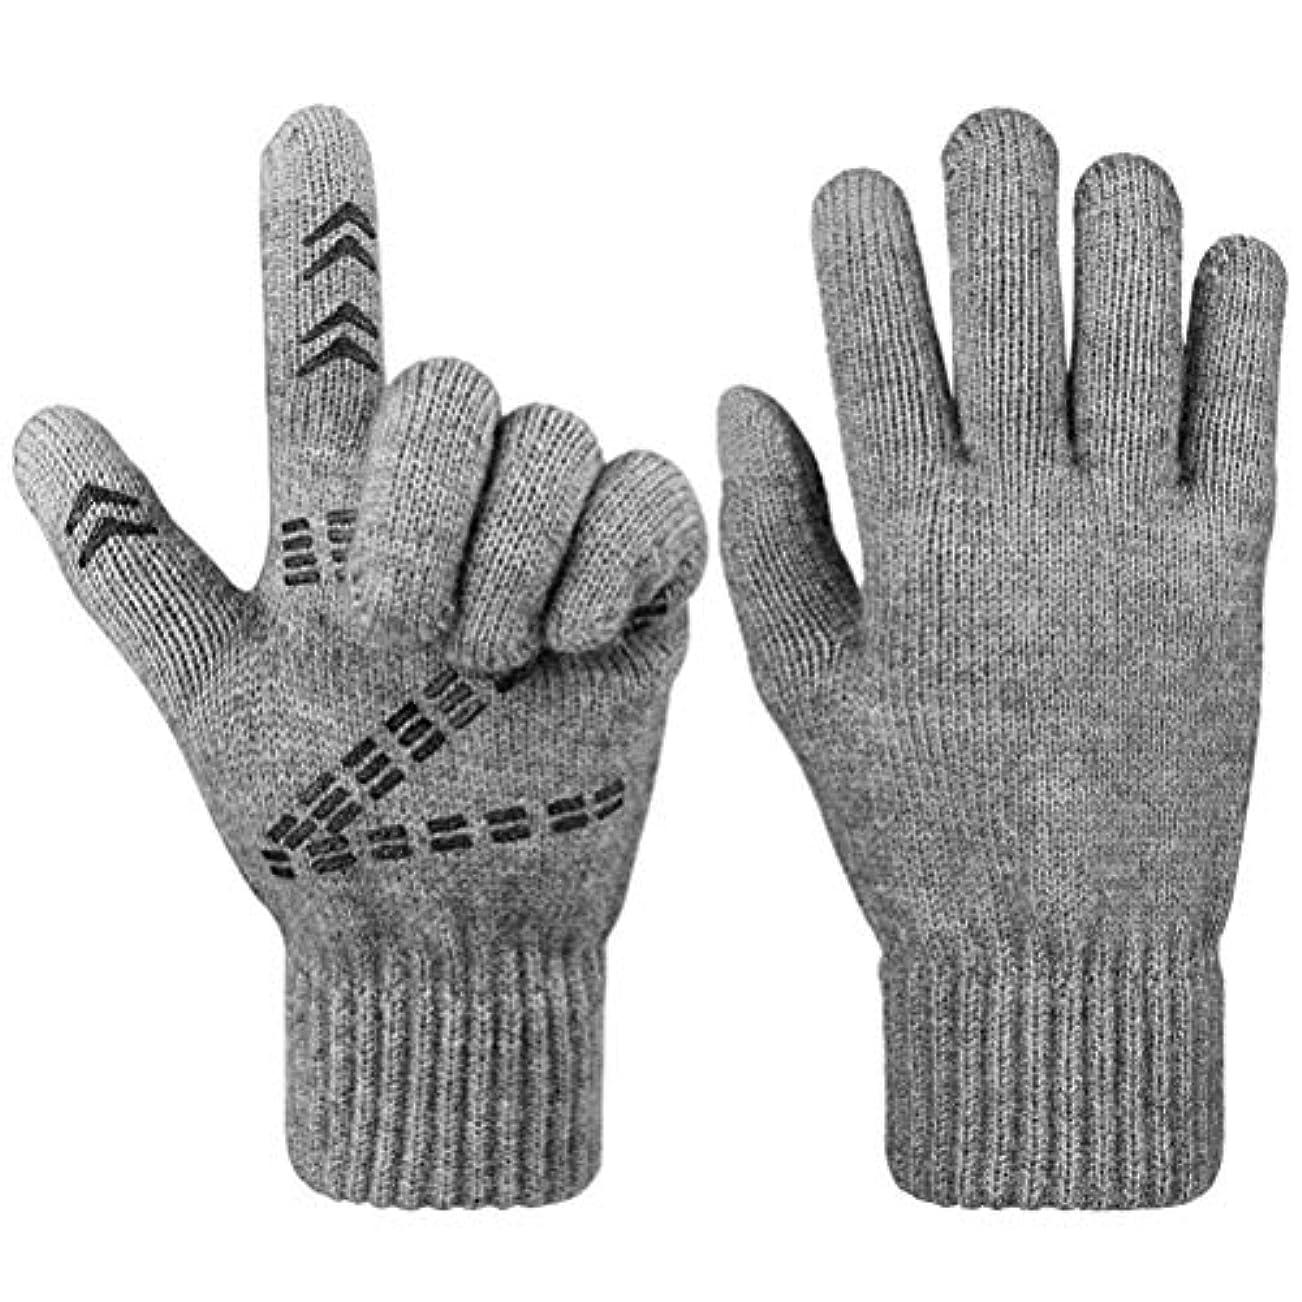 インスタント矩形感動するタッチスクリーン付き手袋、冬の冬のニットグローブノンスリップタッチスクリーンニット手袋アウトドアスポーツカップル手袋